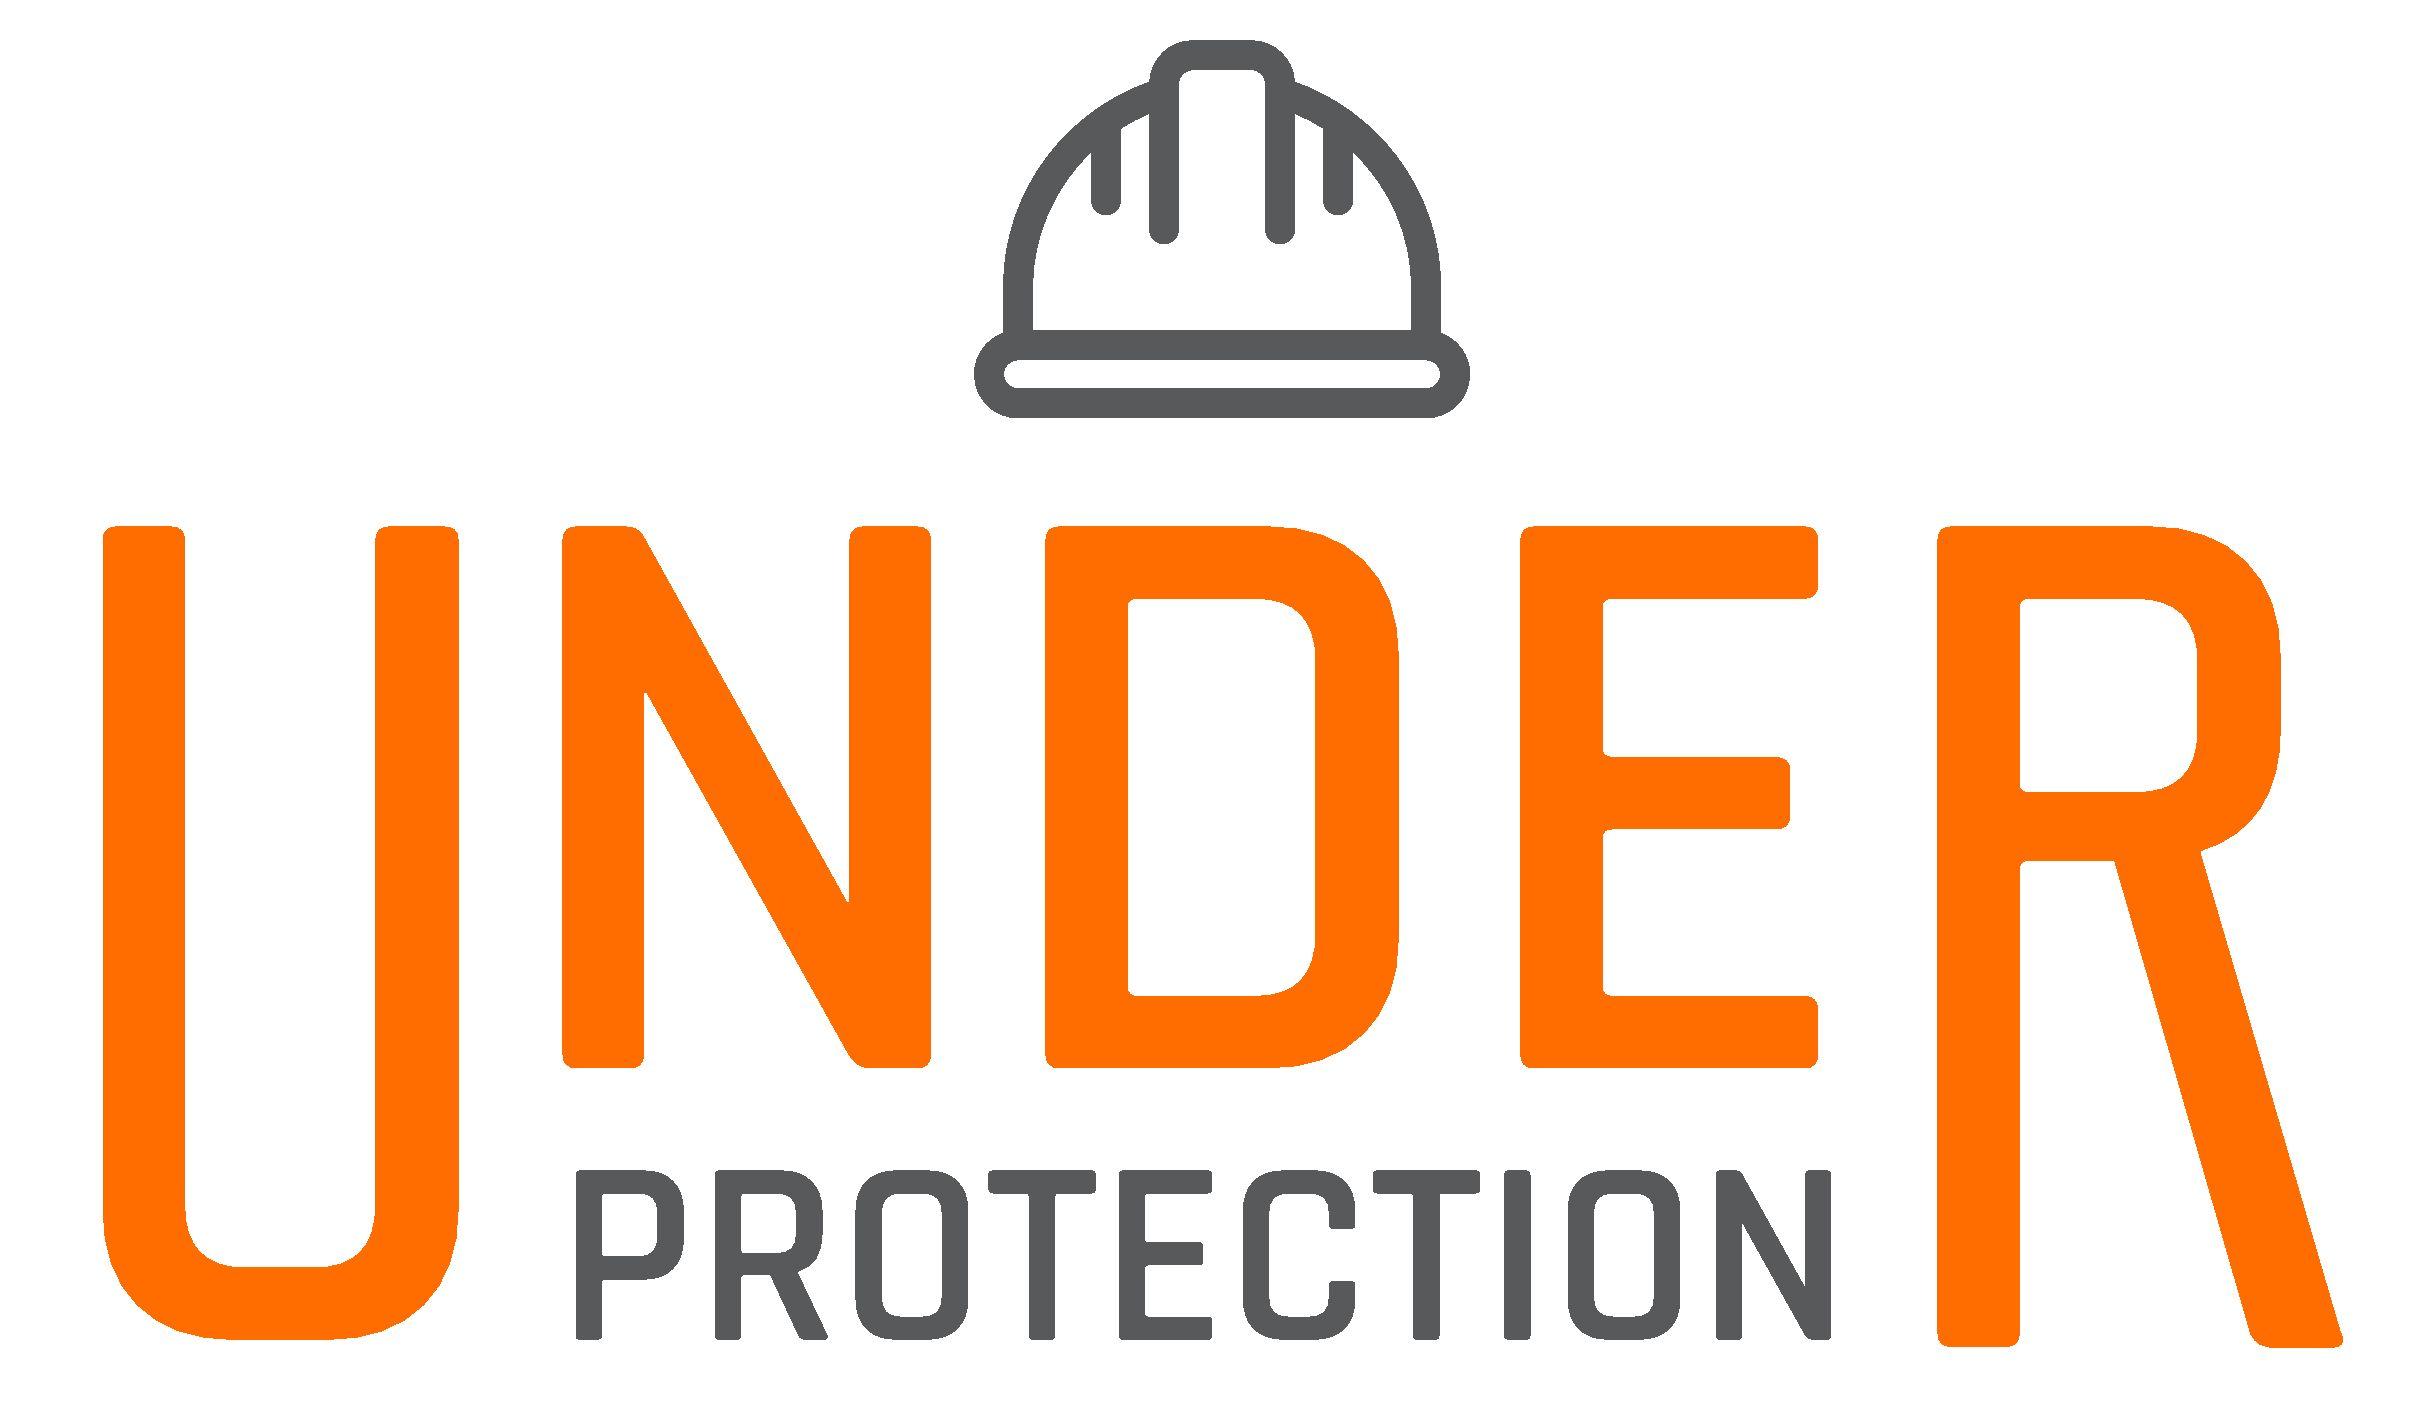 Under Protection - Sconto dal 5 al 10% su tutti i prodotti presenti in negozio (escluso merce in saldo o in promo)